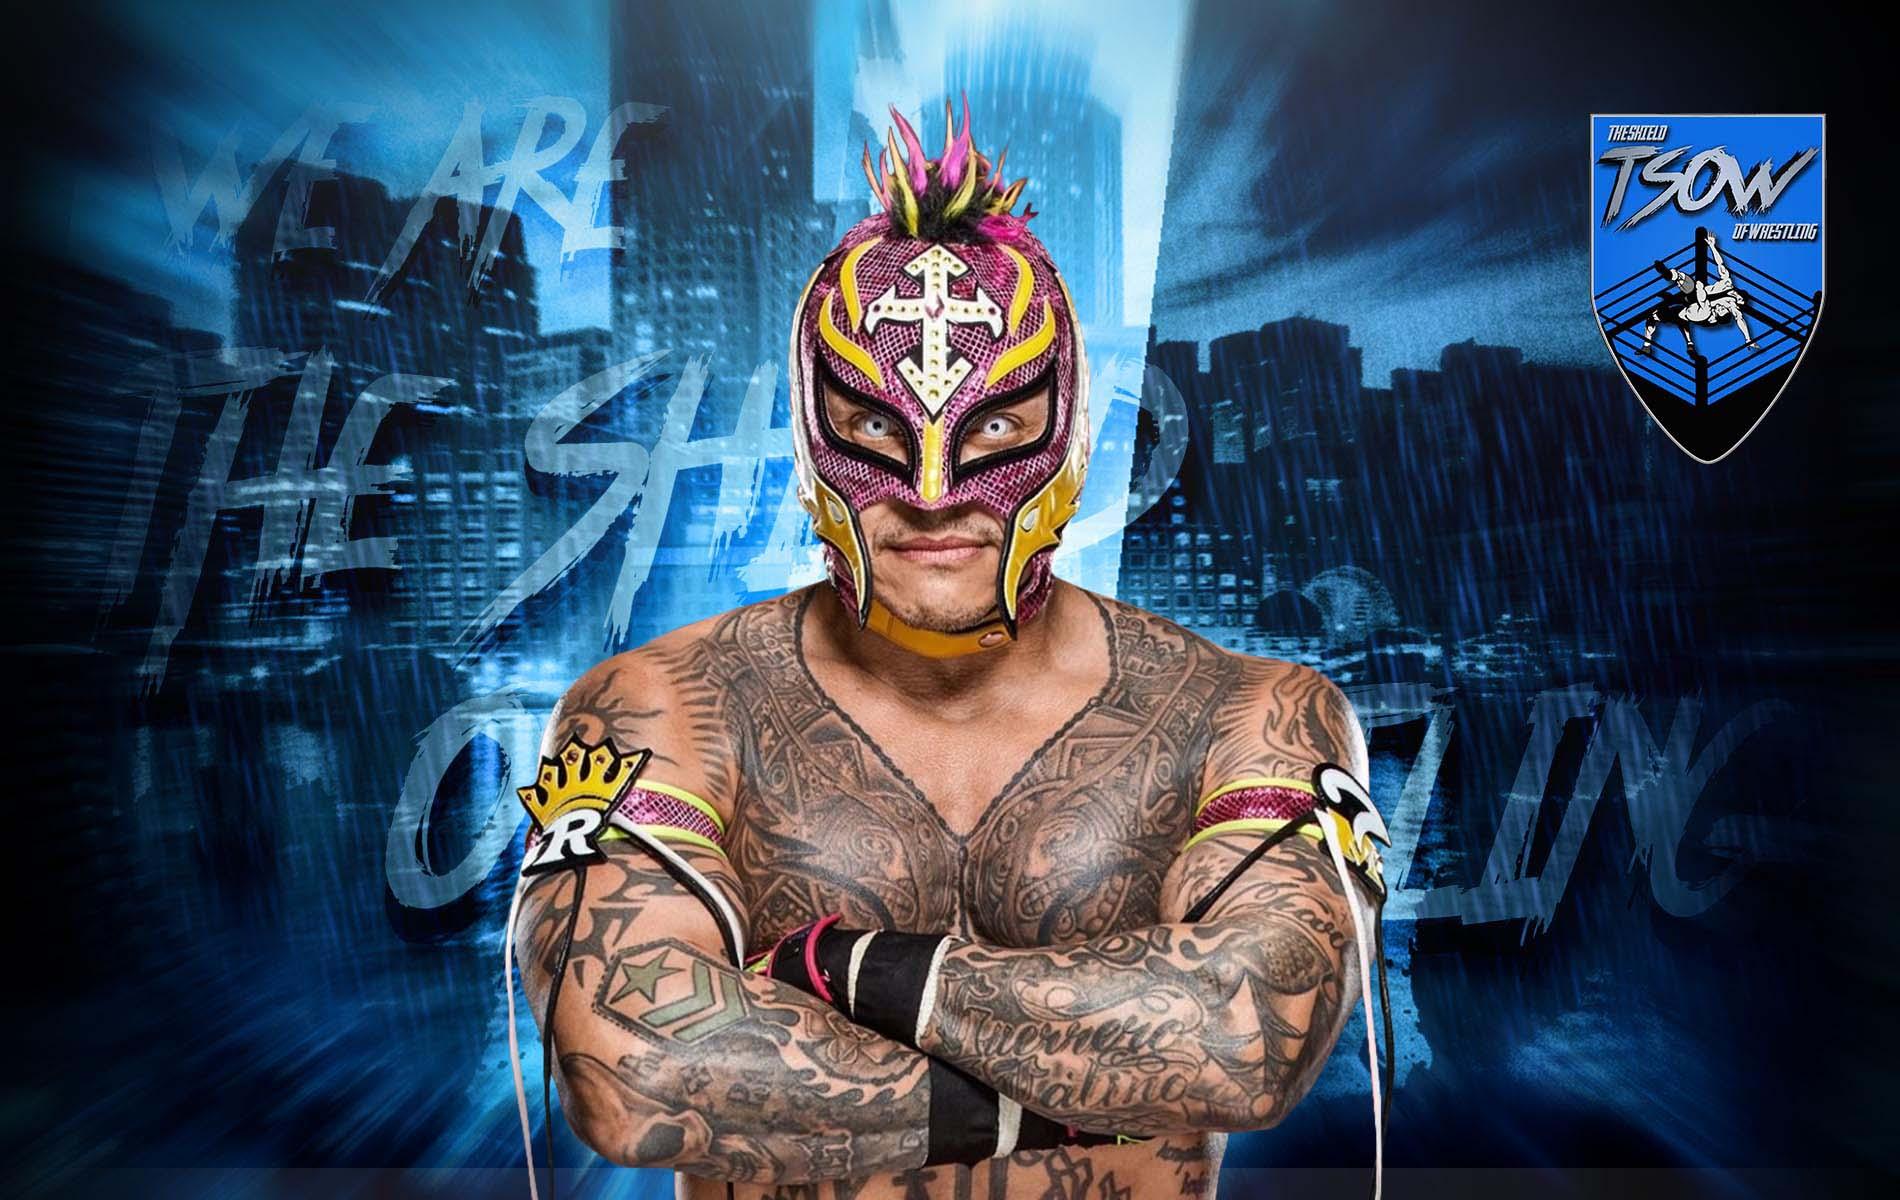 Rey Mysterio non è più sotto contratto con la WWE